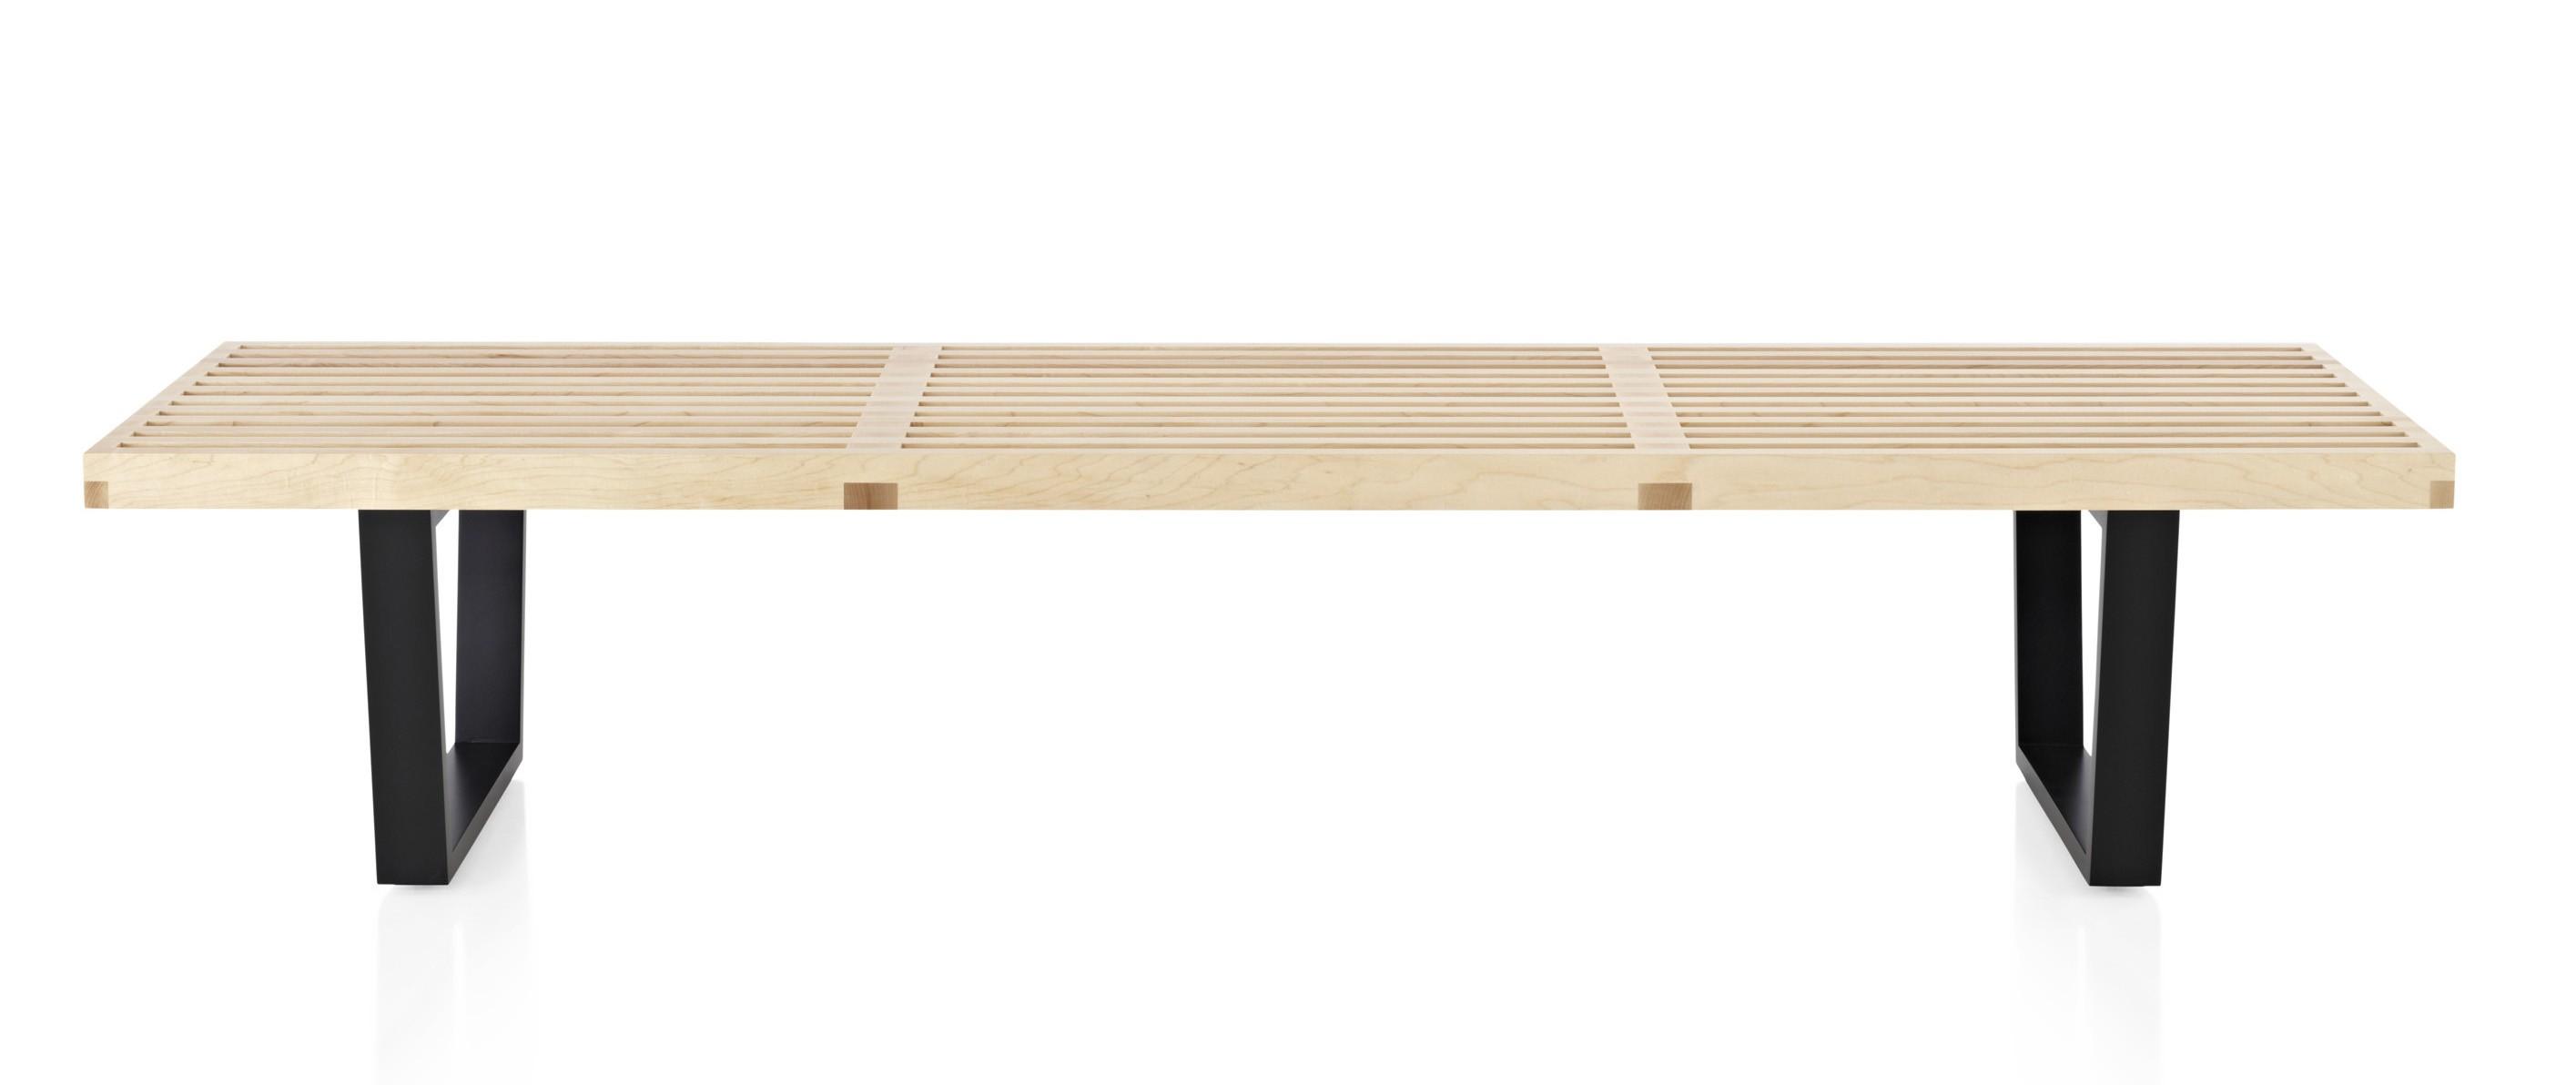 Herman Miller Nelson™ Platform Bench - GR Shop Canada